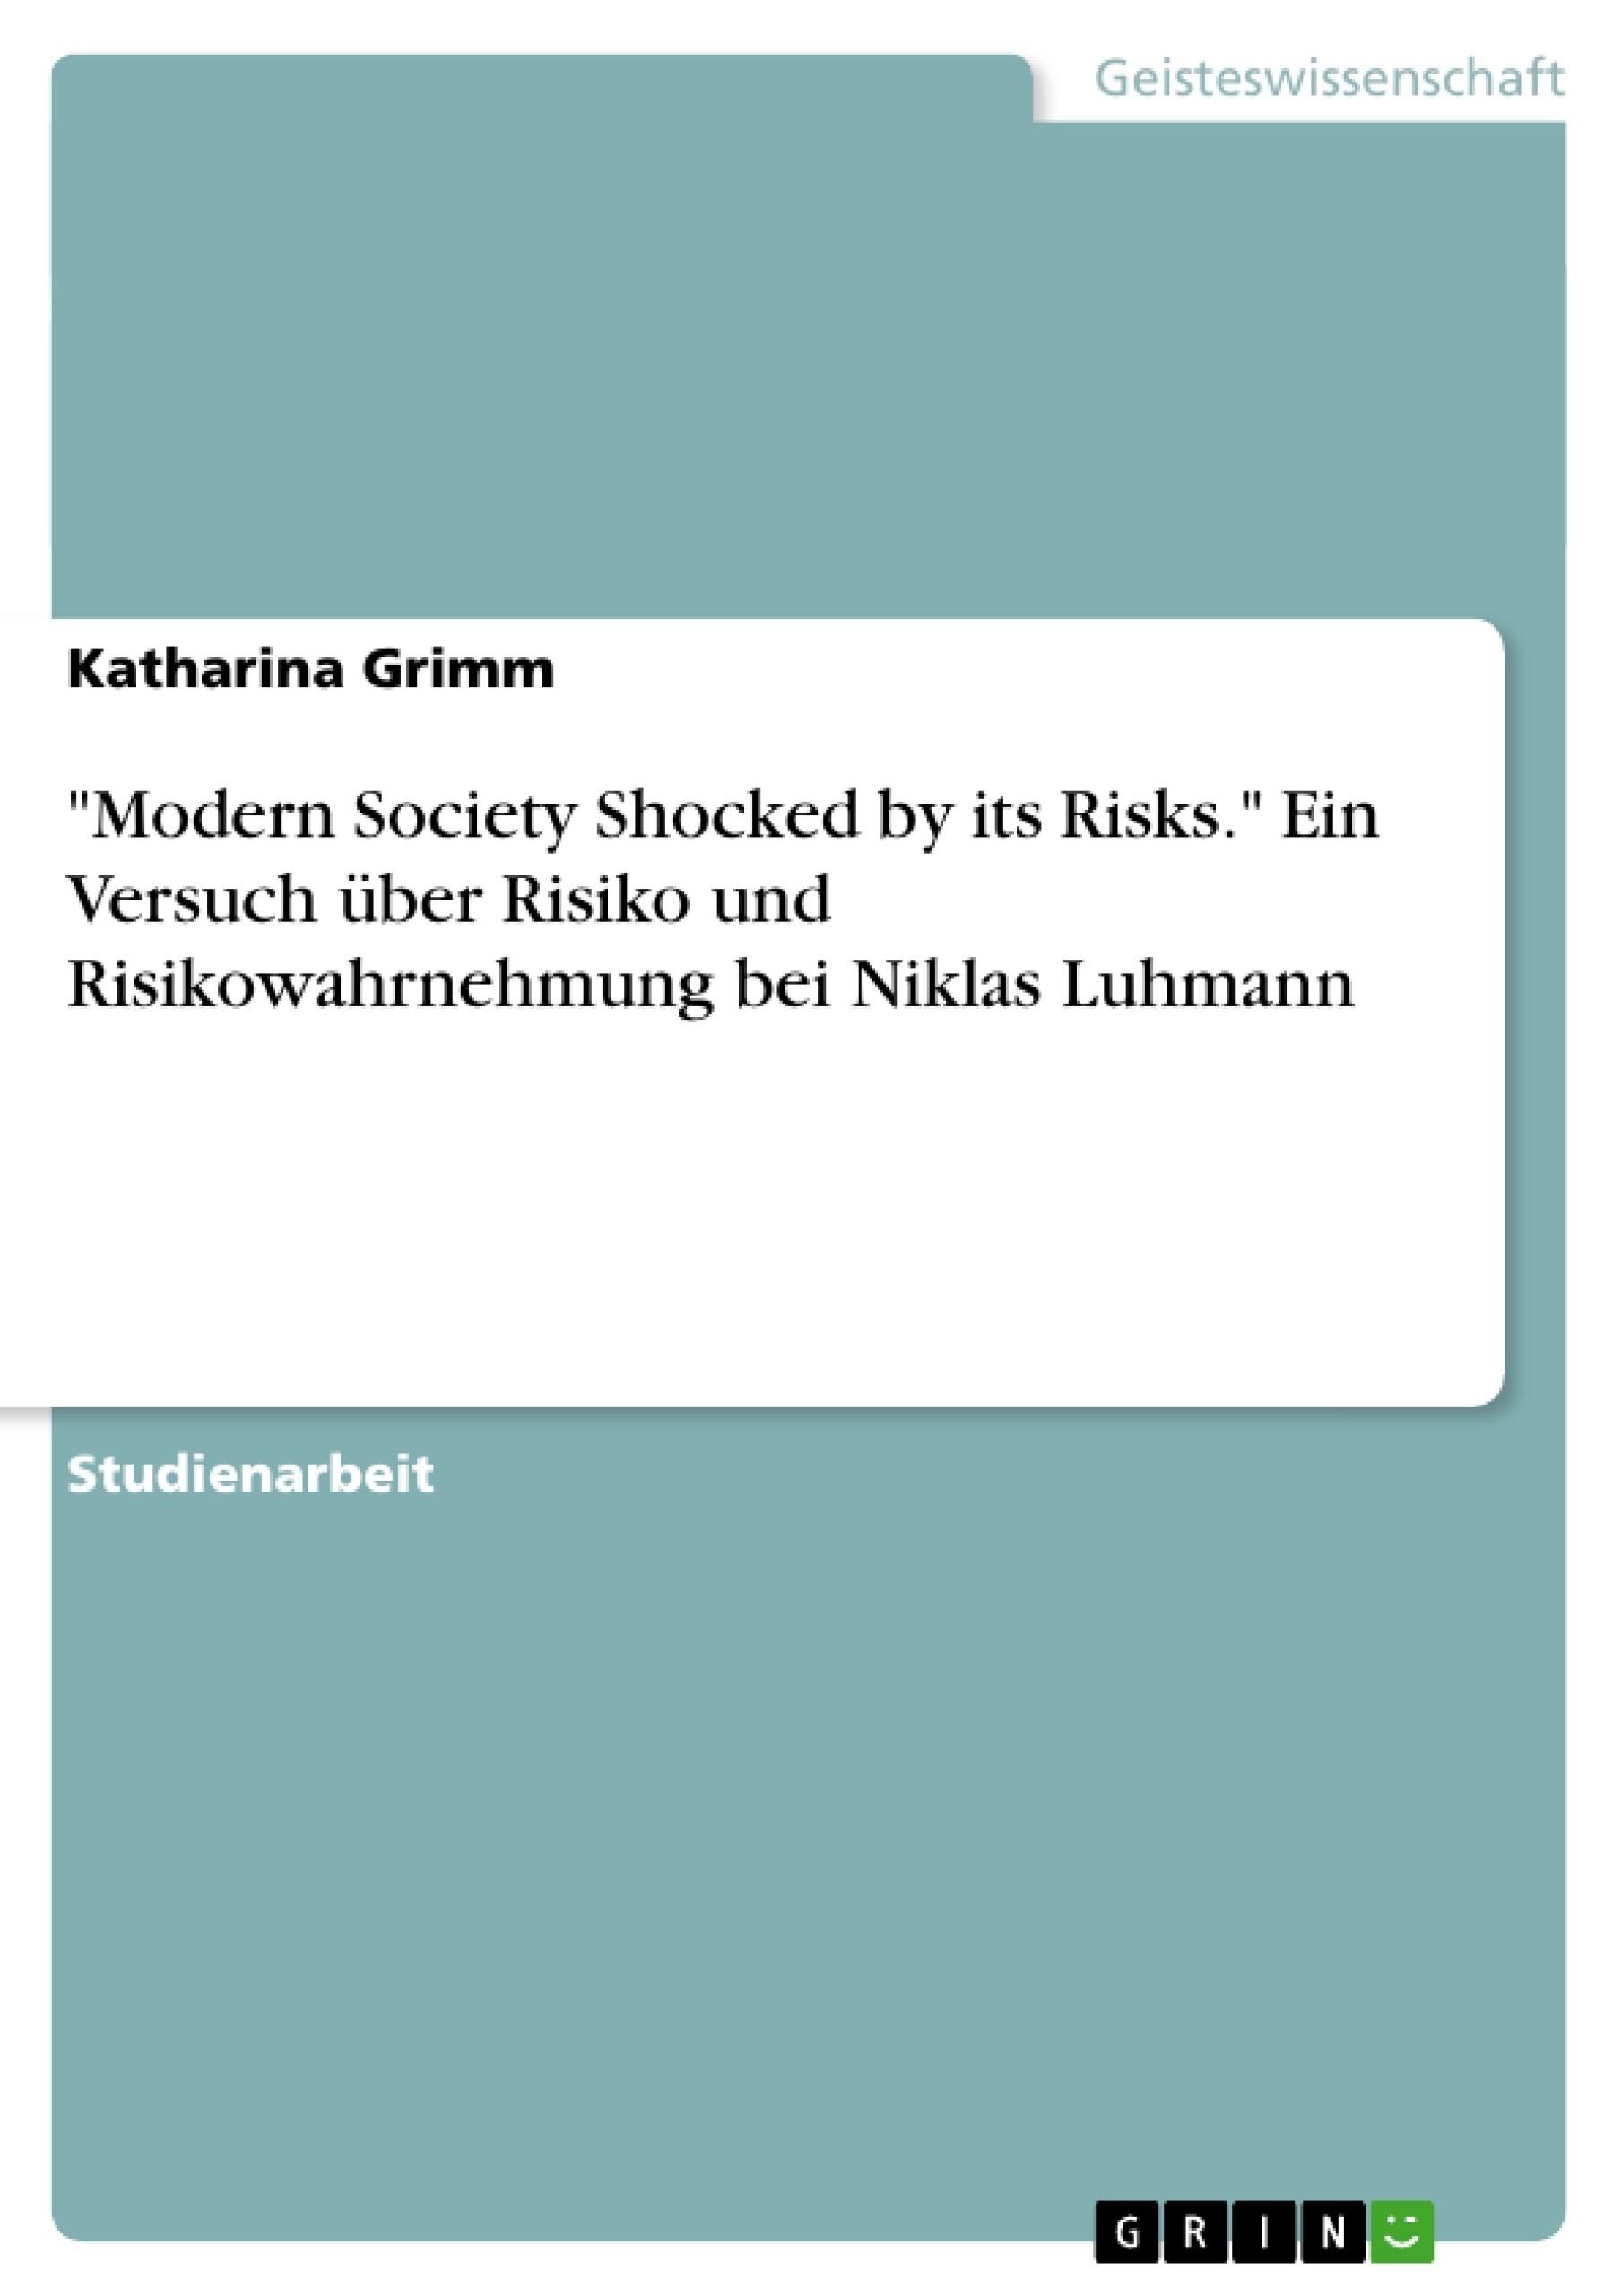 """Titel: """"Modern Society Shocked by its Risks."""" Ein Versuch über Risiko und Risikowahrnehmung bei Niklas Luhmann"""